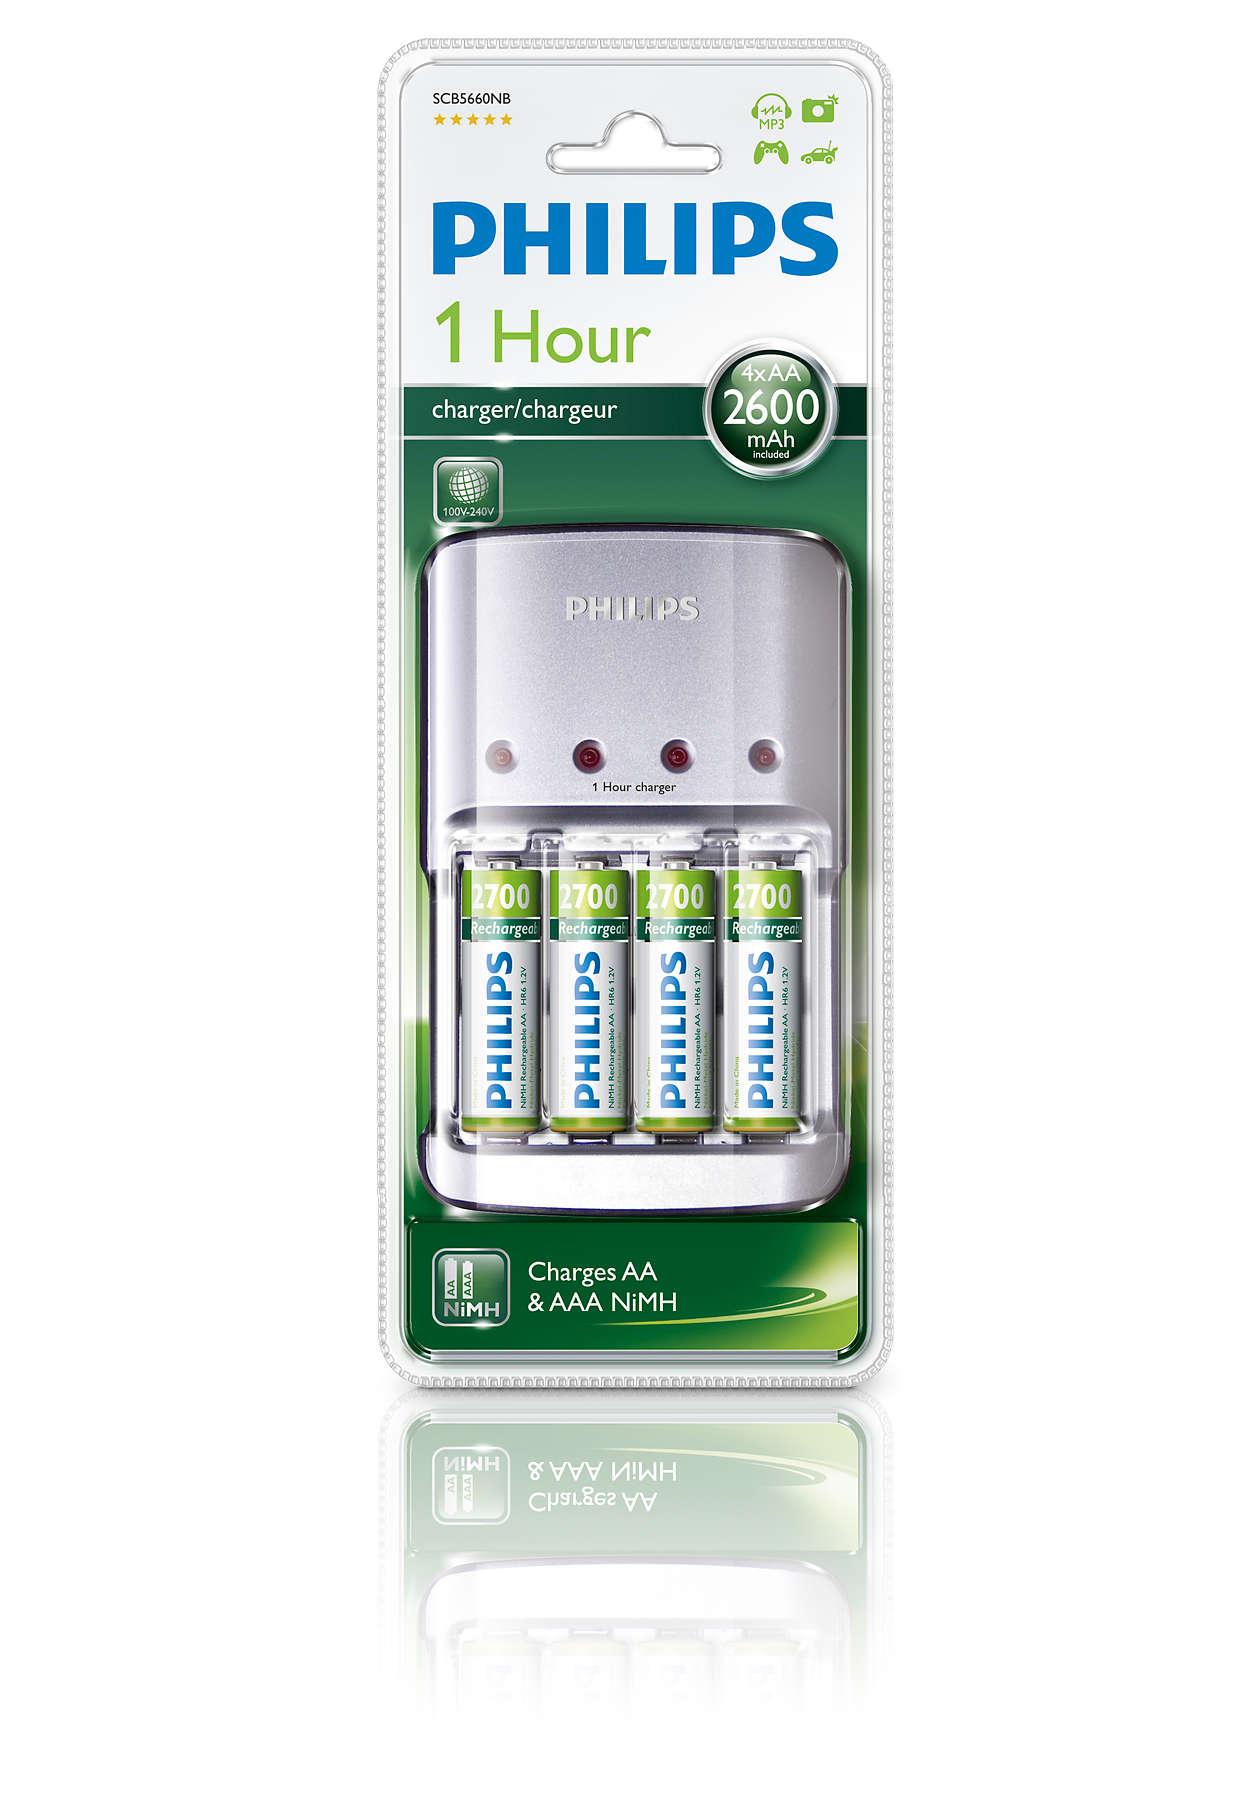 Ricarica completa di 2/4 batterie AA/AAA in 1 ora